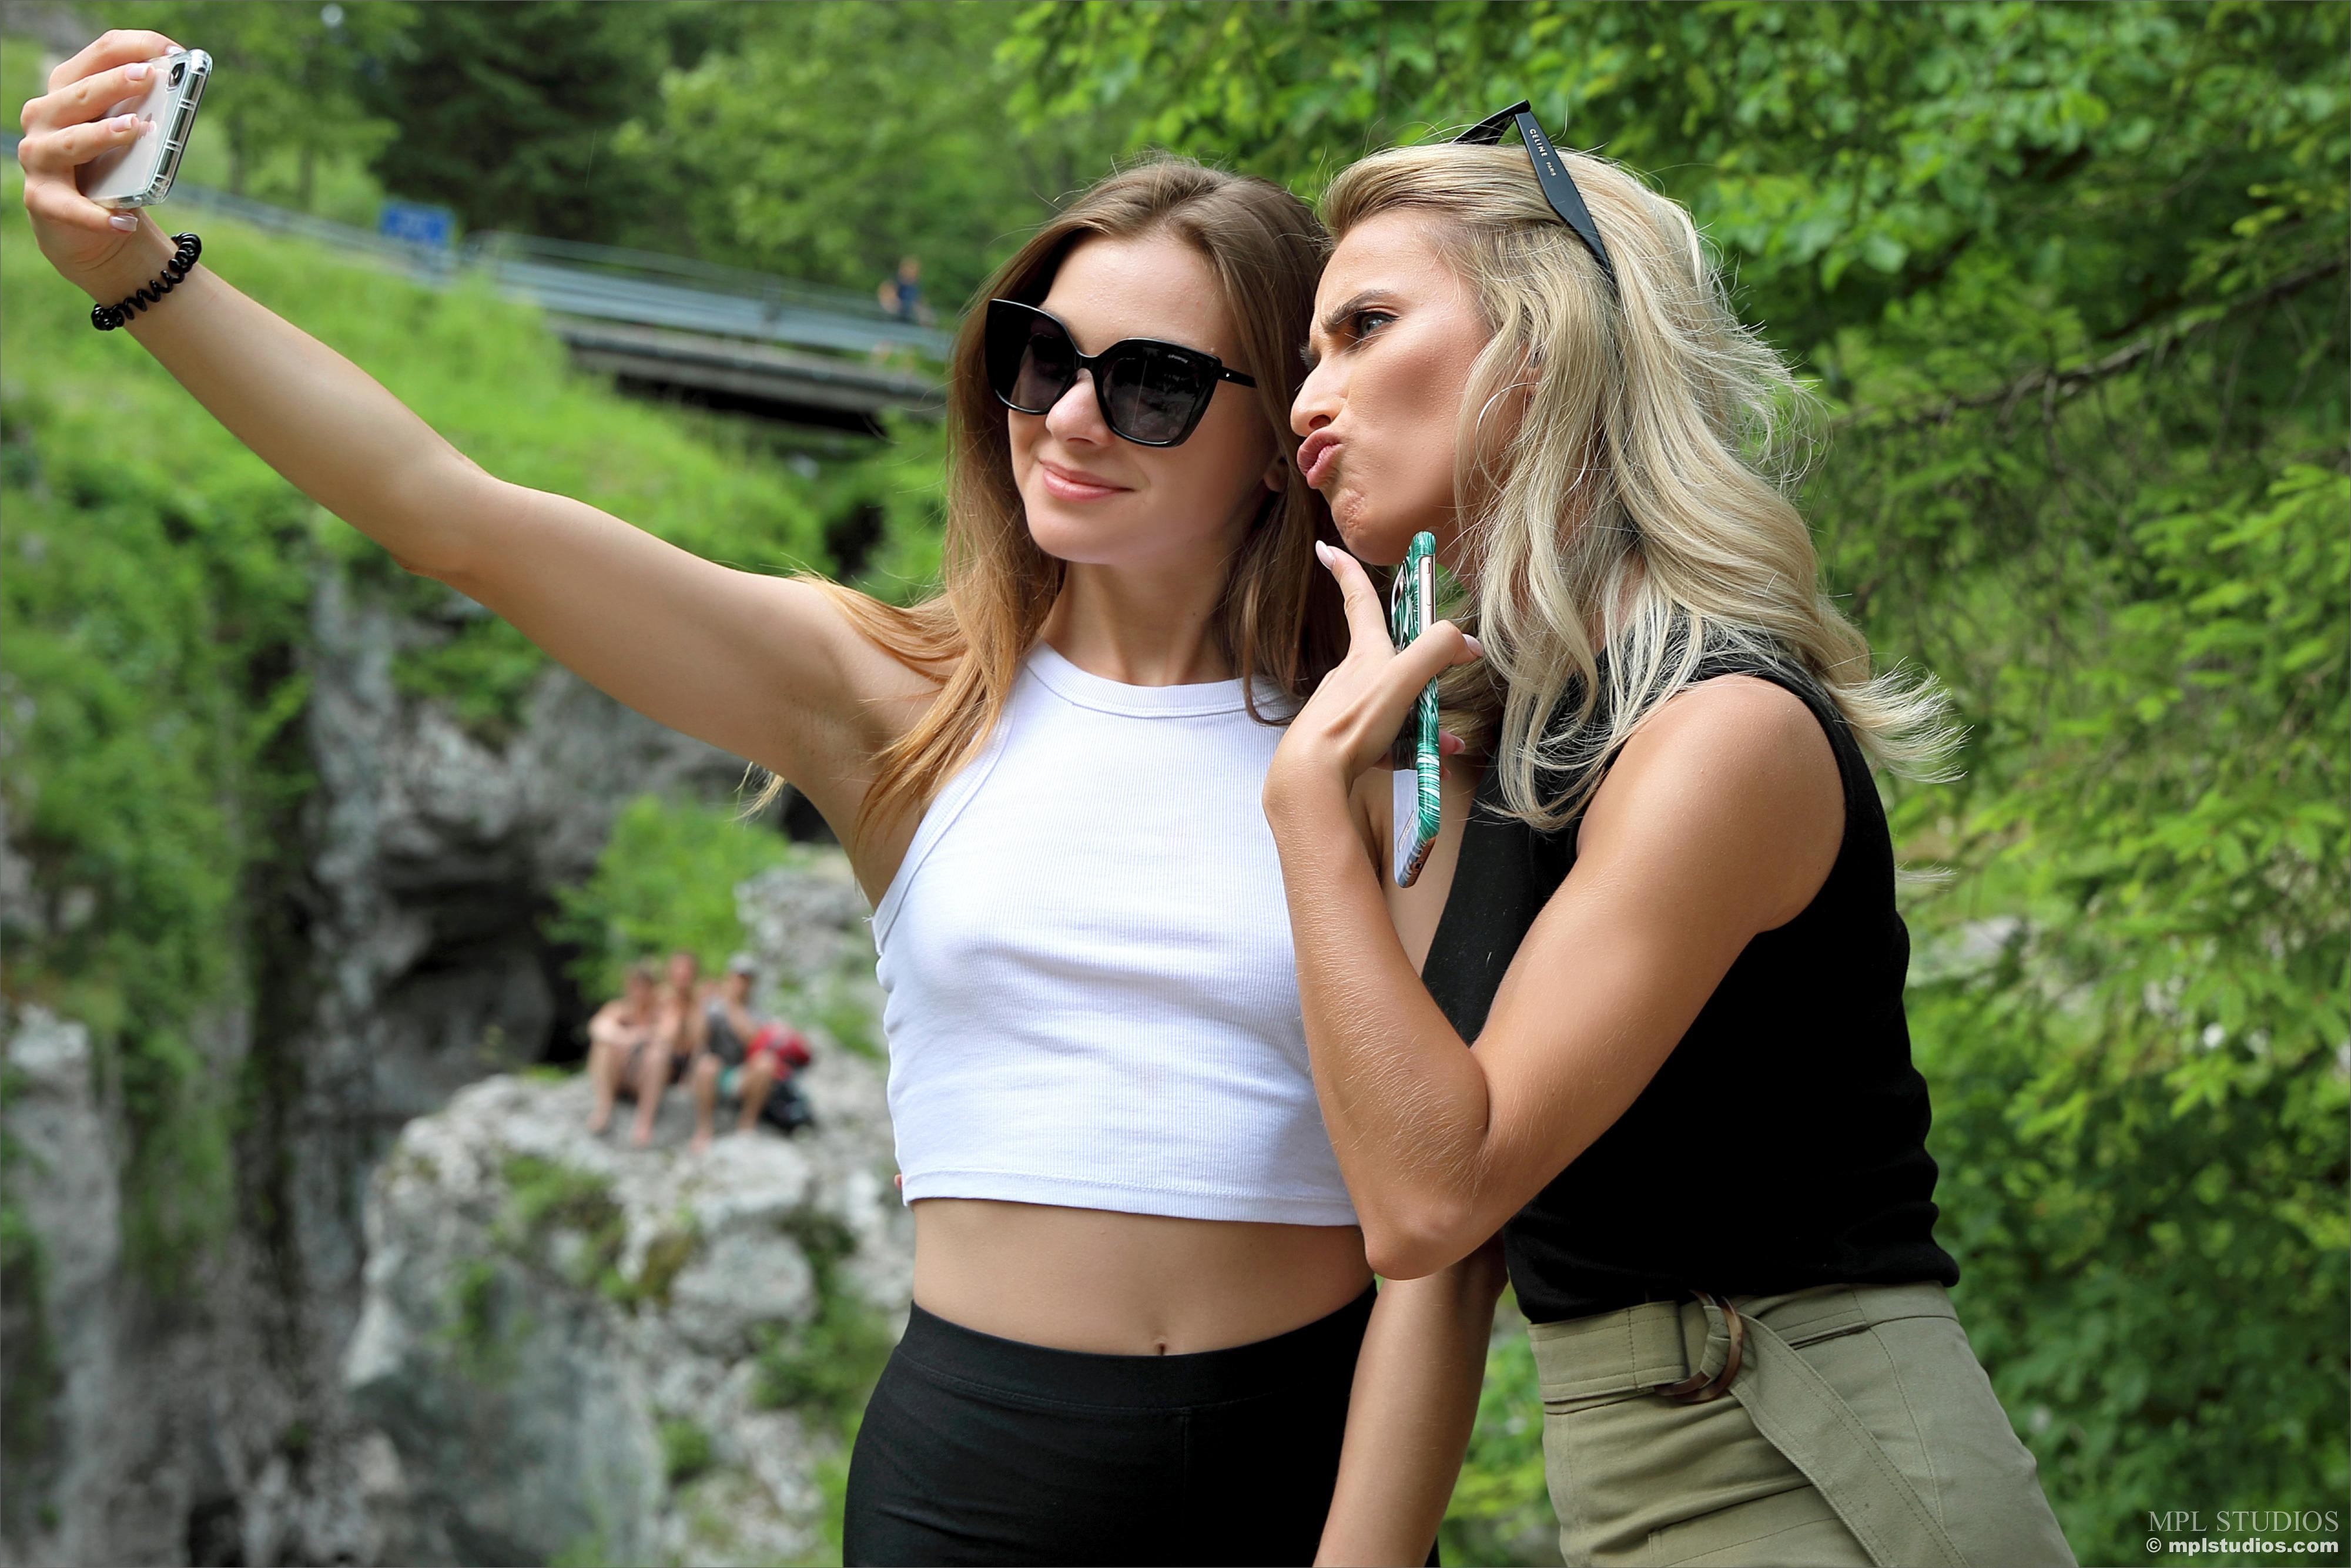 Bilder von Cara Mell Blond Mädchen Selfie smartphones Stefani 2 Mädchens Brille Blondine Smartphone Zwei junge frau junge Frauen